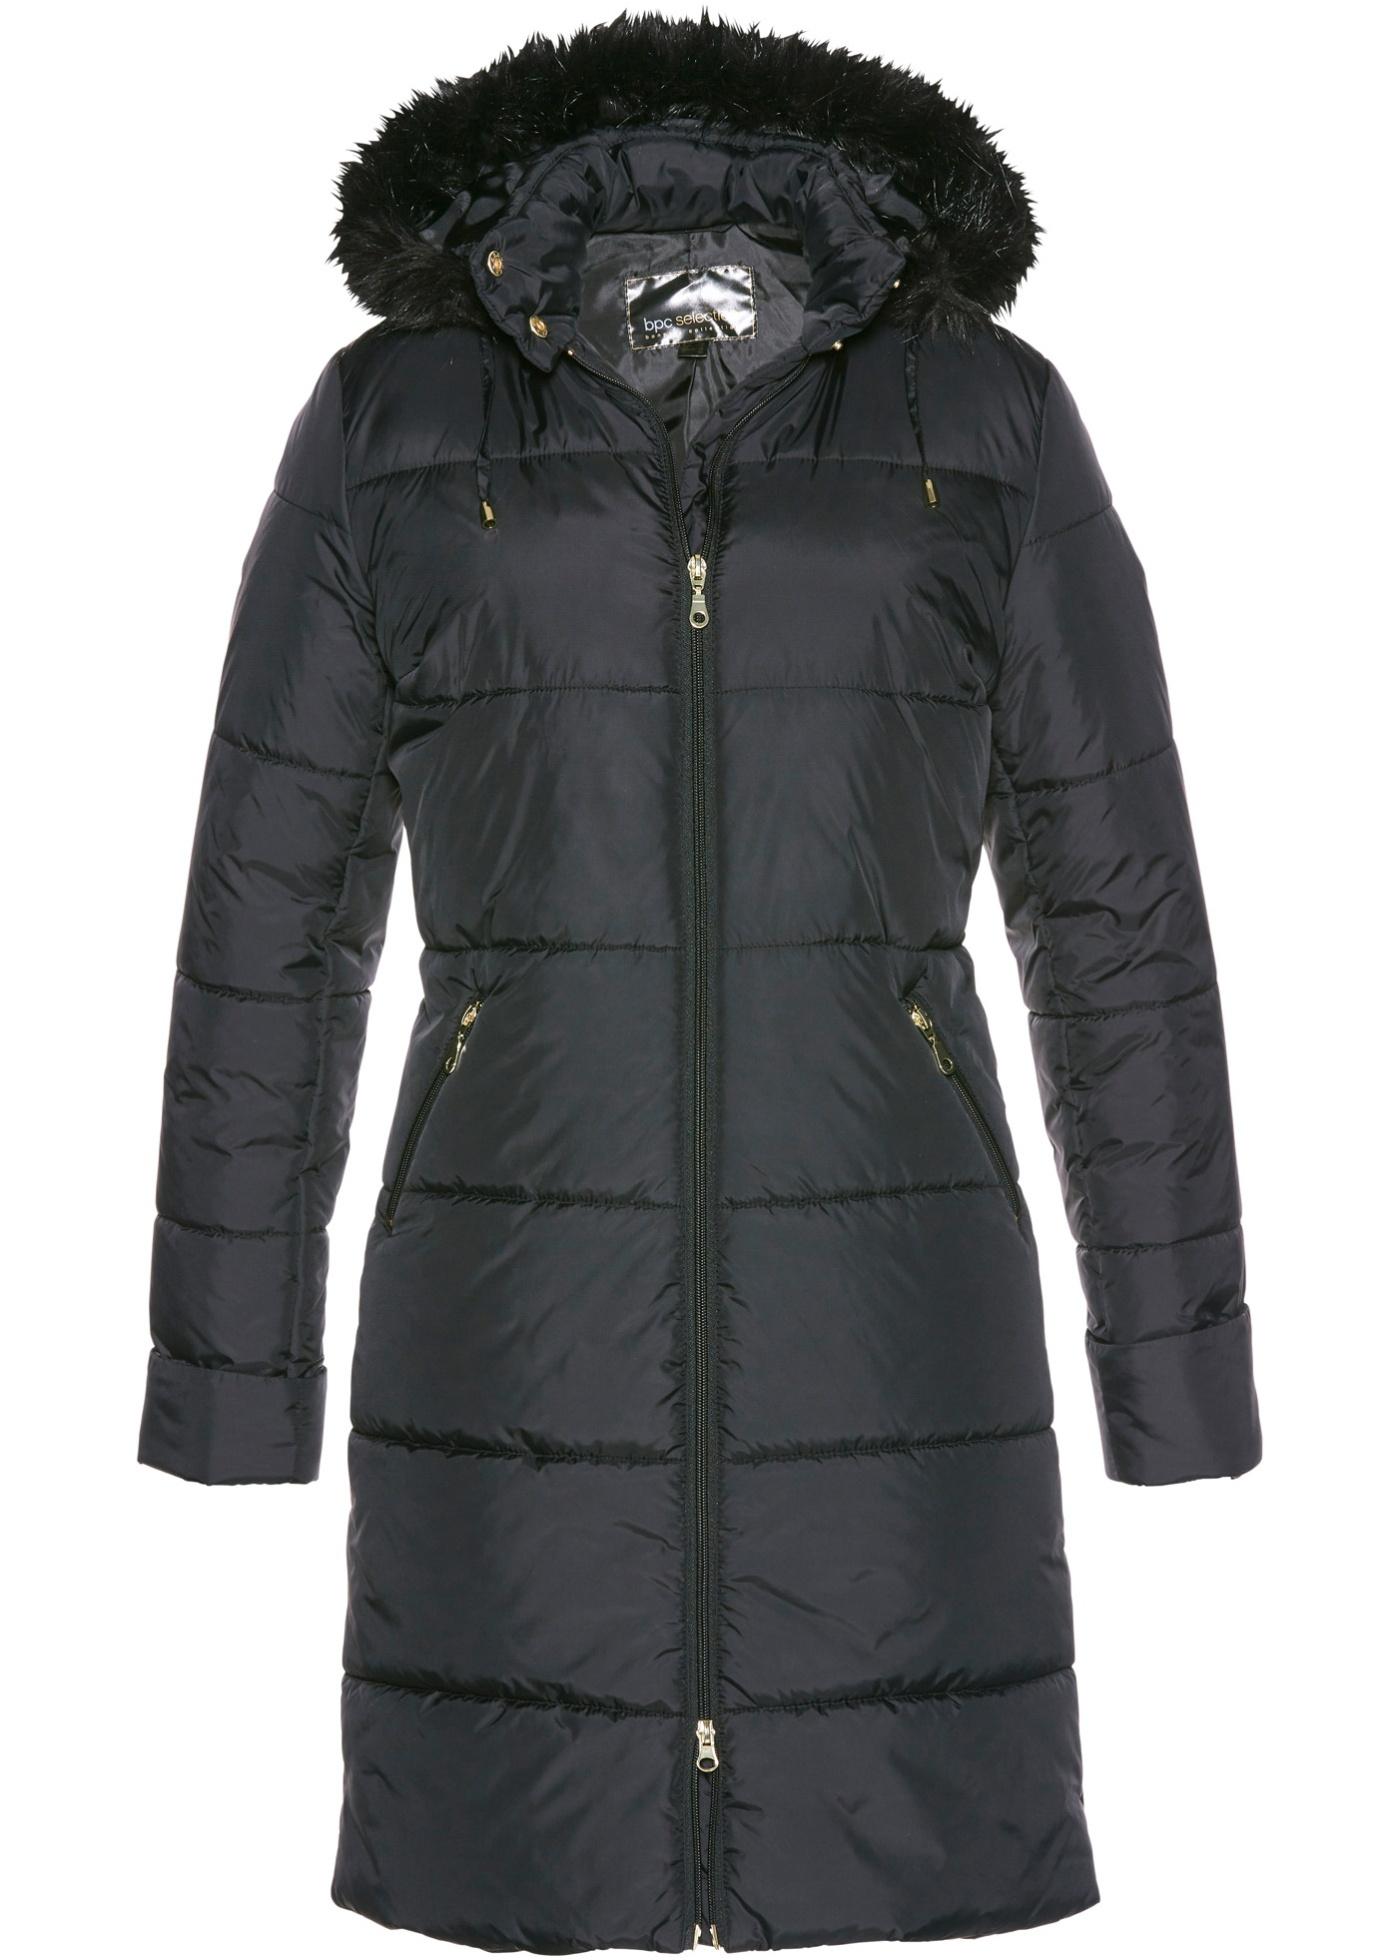 Manteau matelassé avec capuche en synthétique imitation fourrure